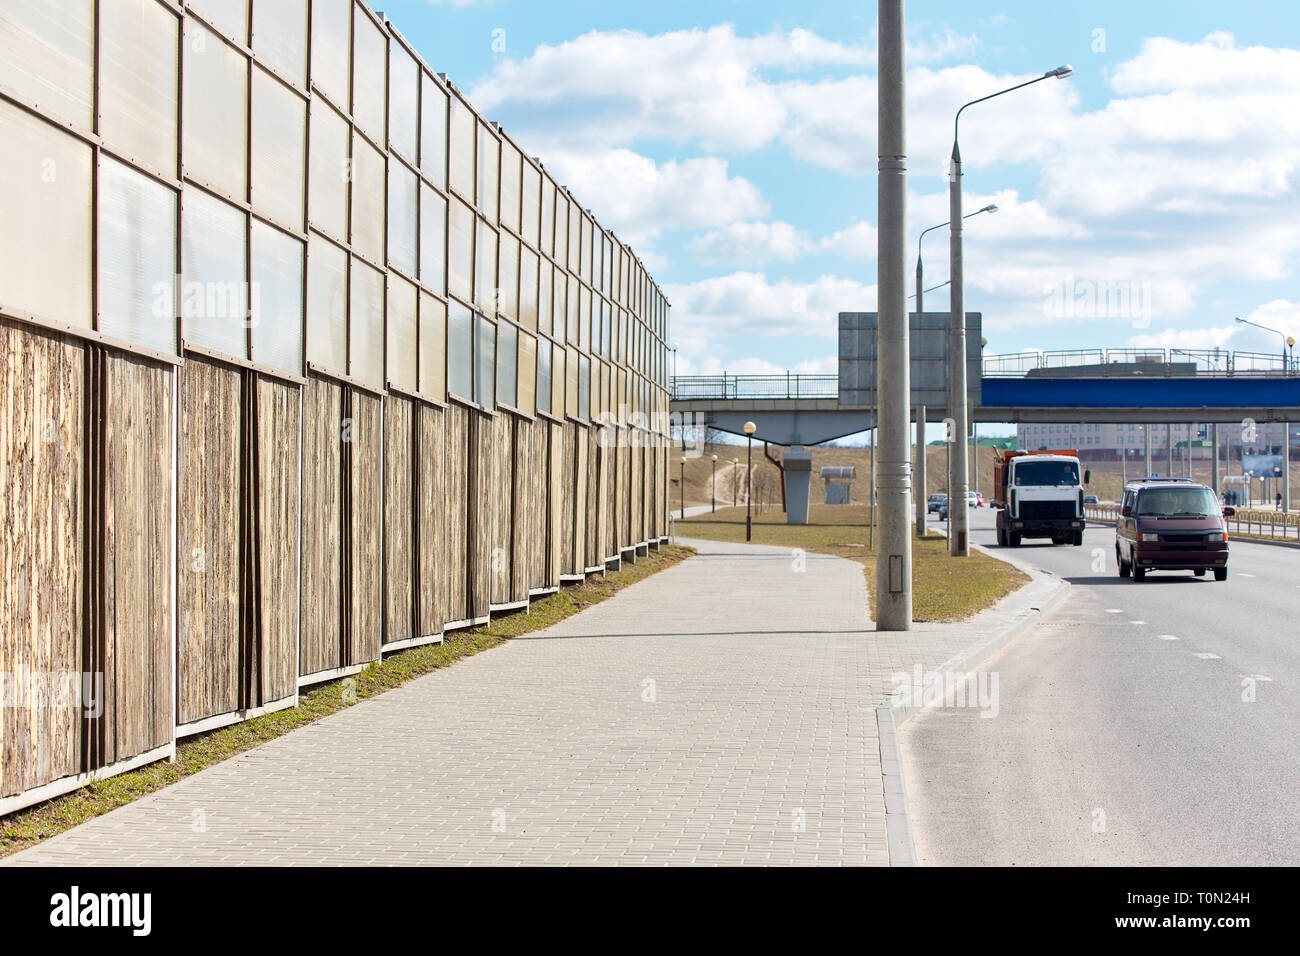 Panneaux acoustique le long freeway dans la ville. Concept de protection des bâtiments résidentiels de la pollution sonore à l'aide de panneaux isolants sonores. Banque D'Images